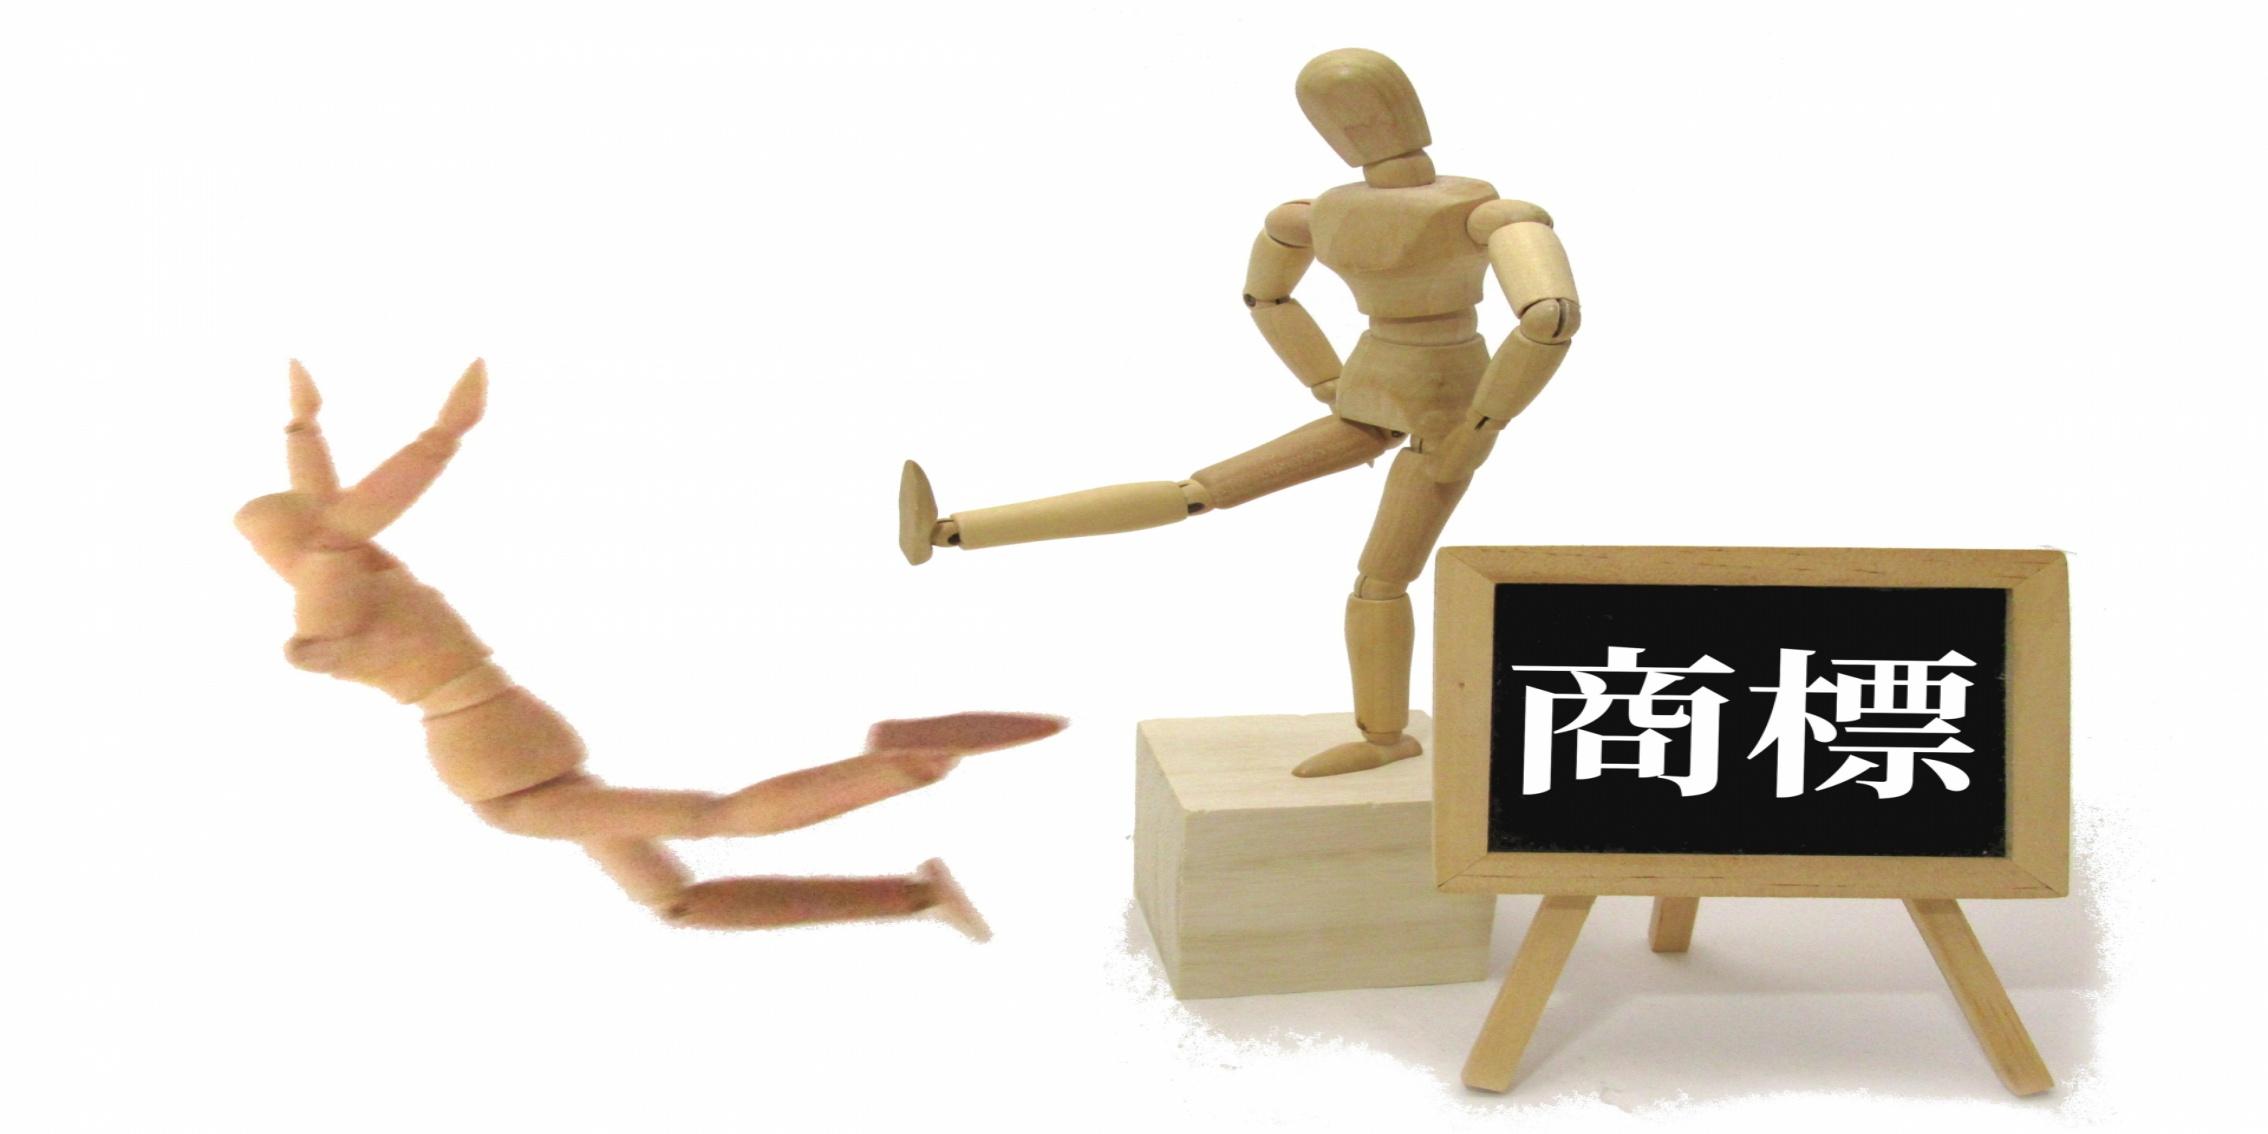 資格認定事業に欠かせない商標登録とは